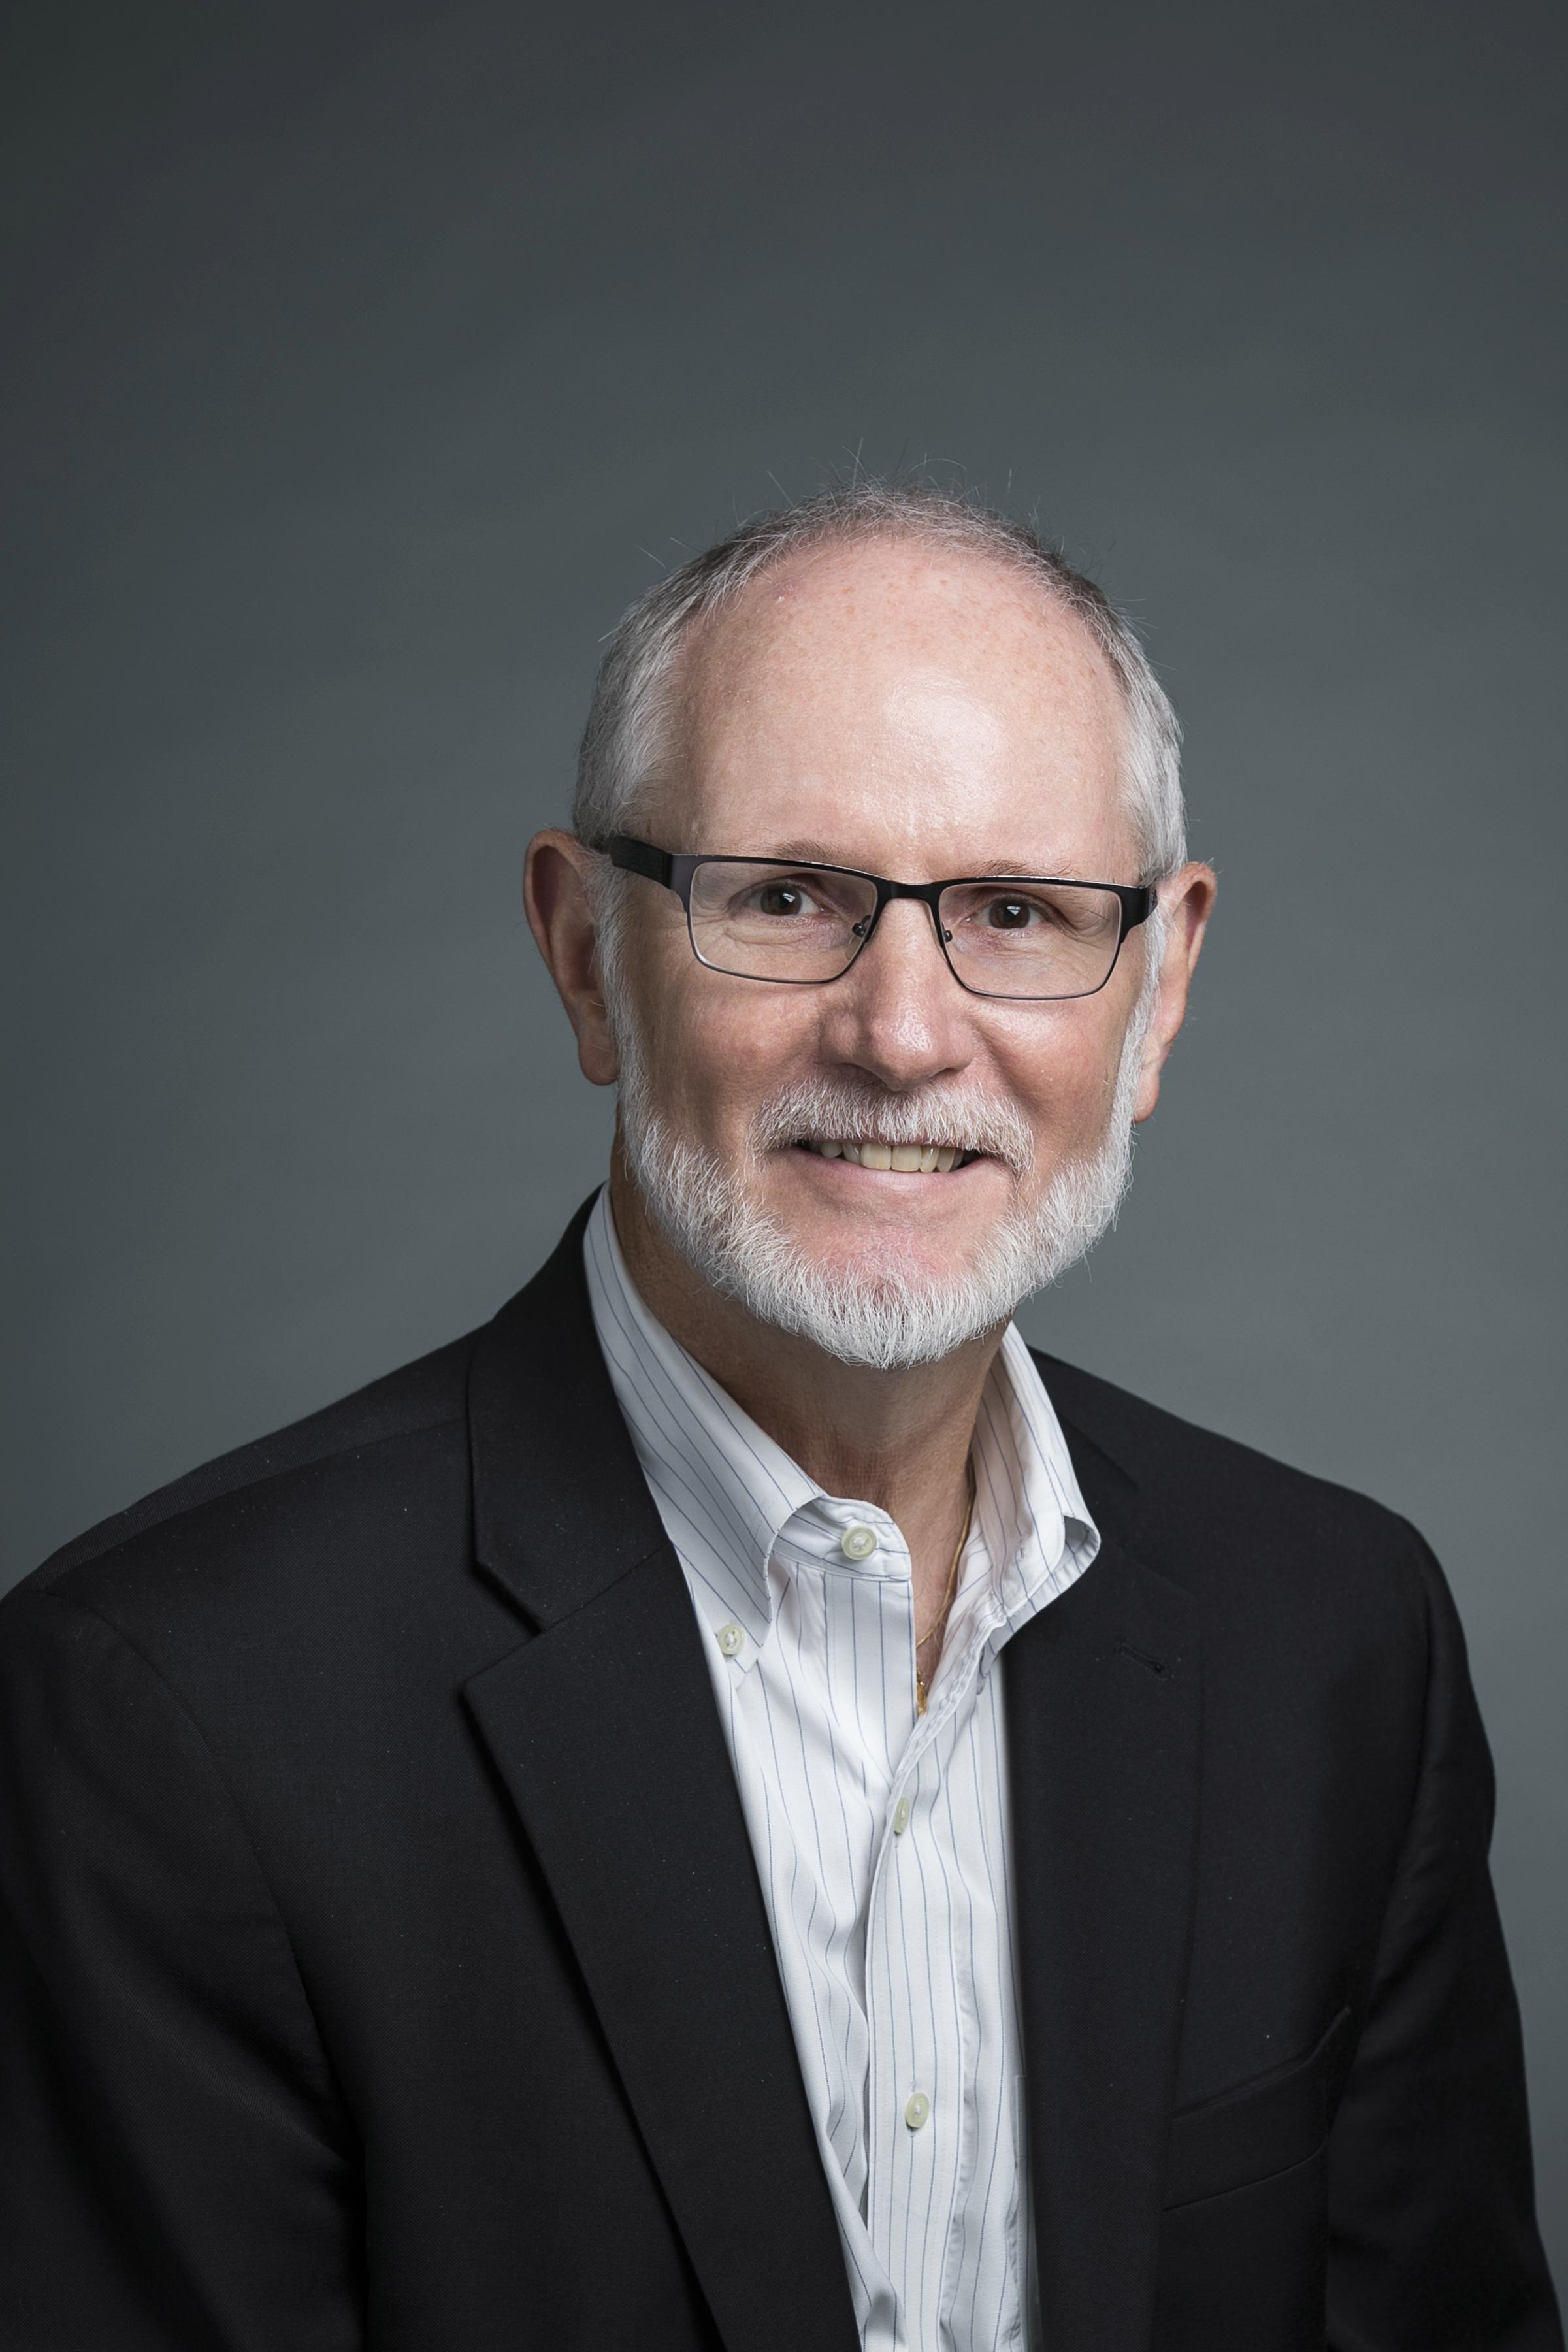 Dr. Len M. Nichols